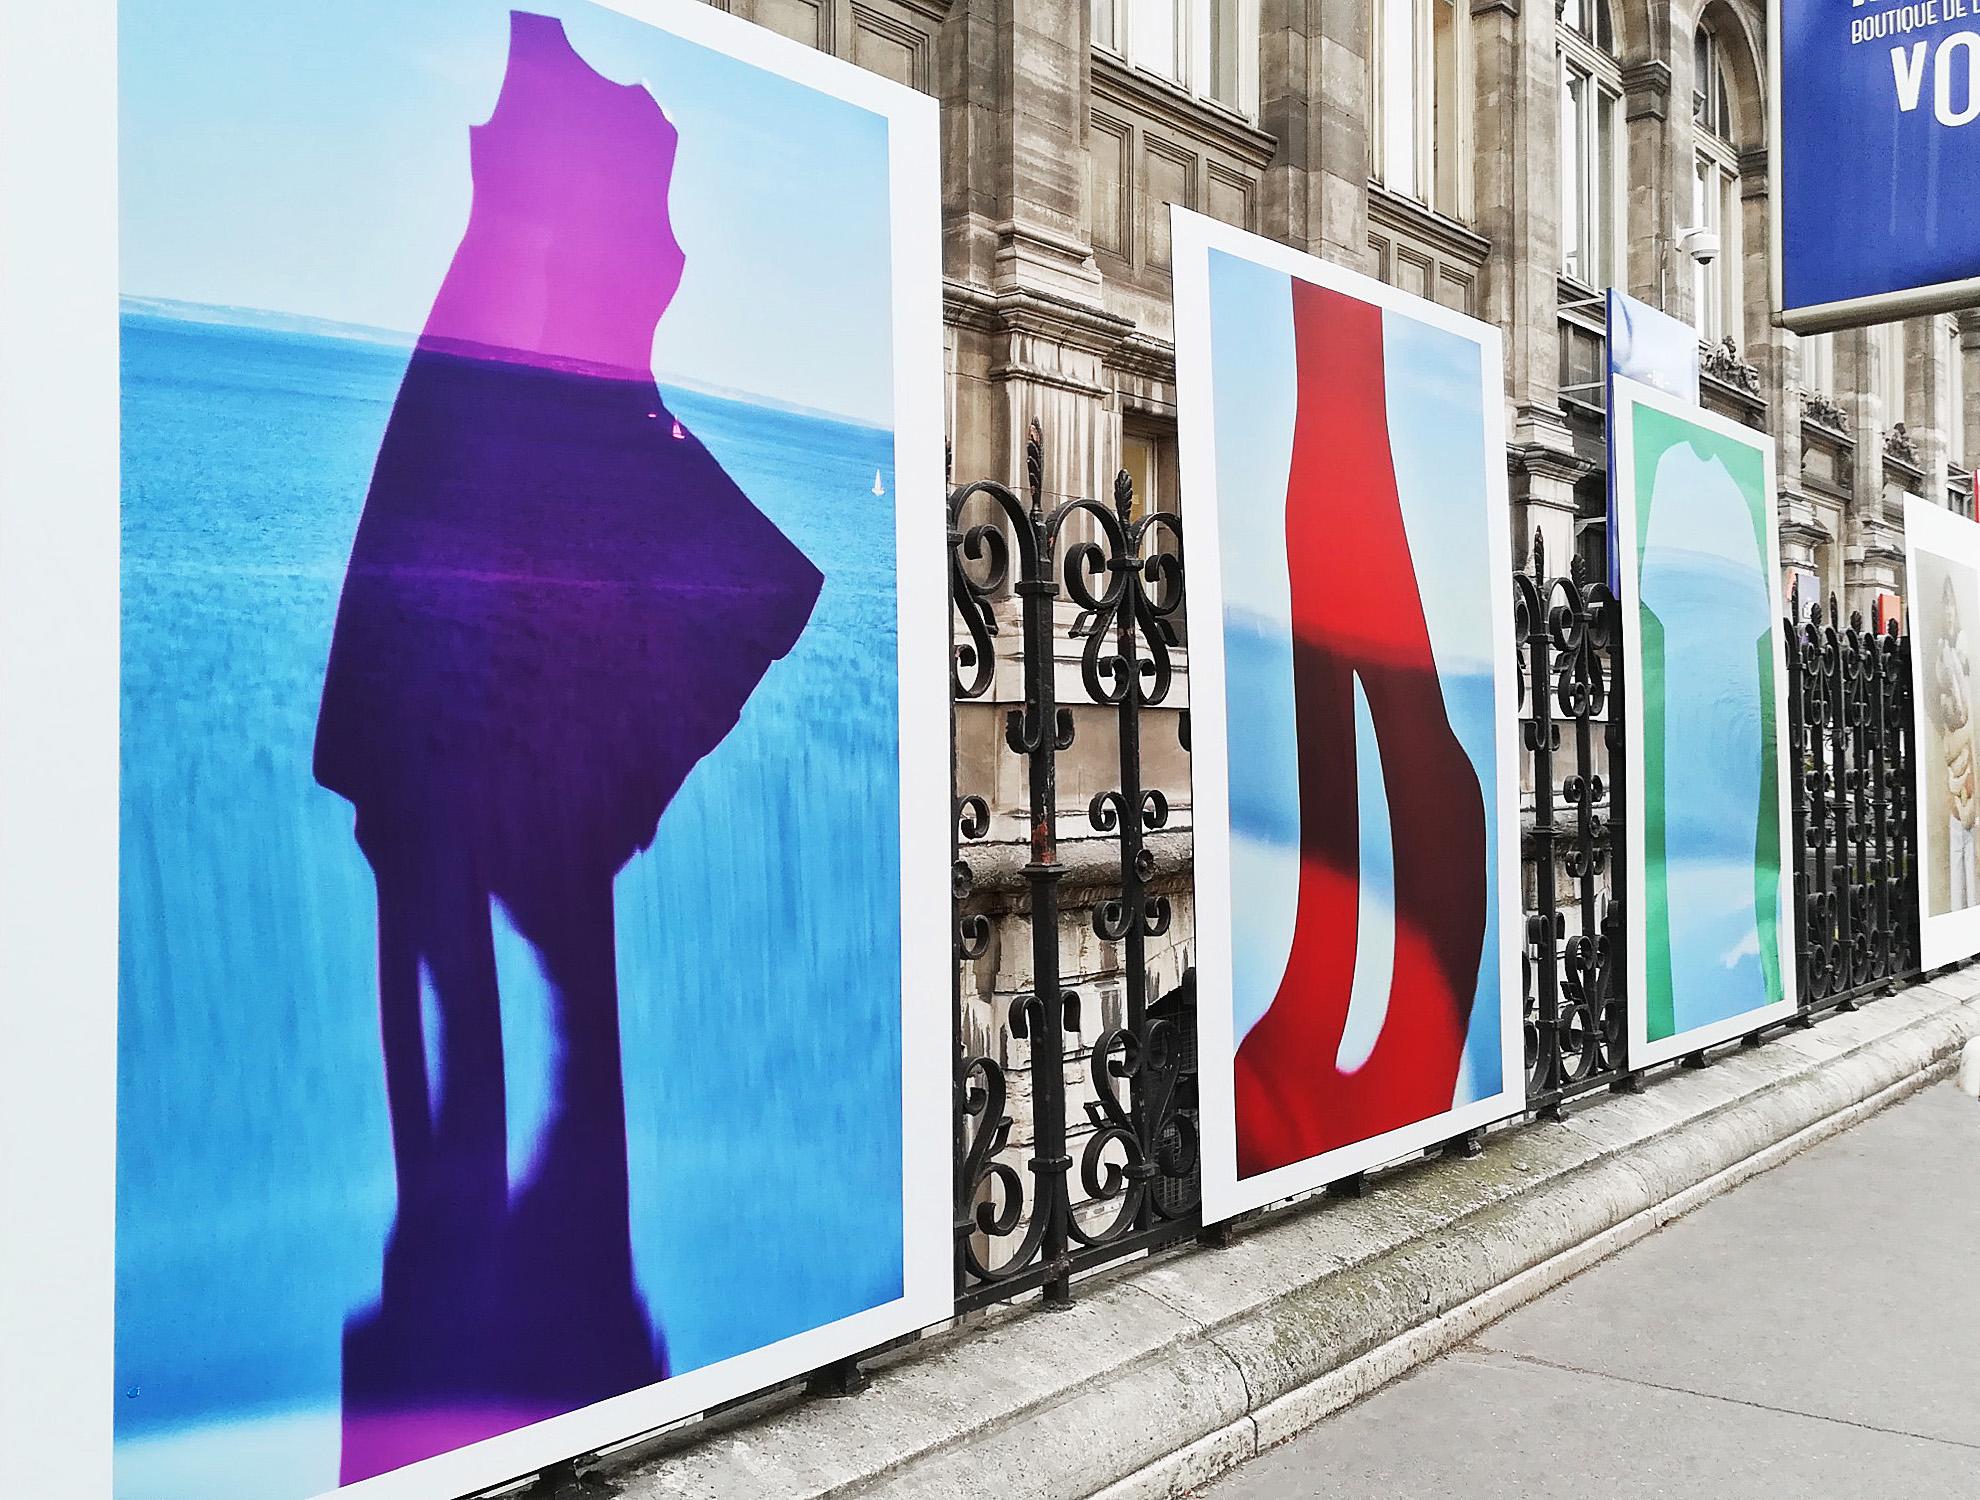 Sophie-Delaporte-Grand-Prix-Paris-Fashion-for-Good-2019-006